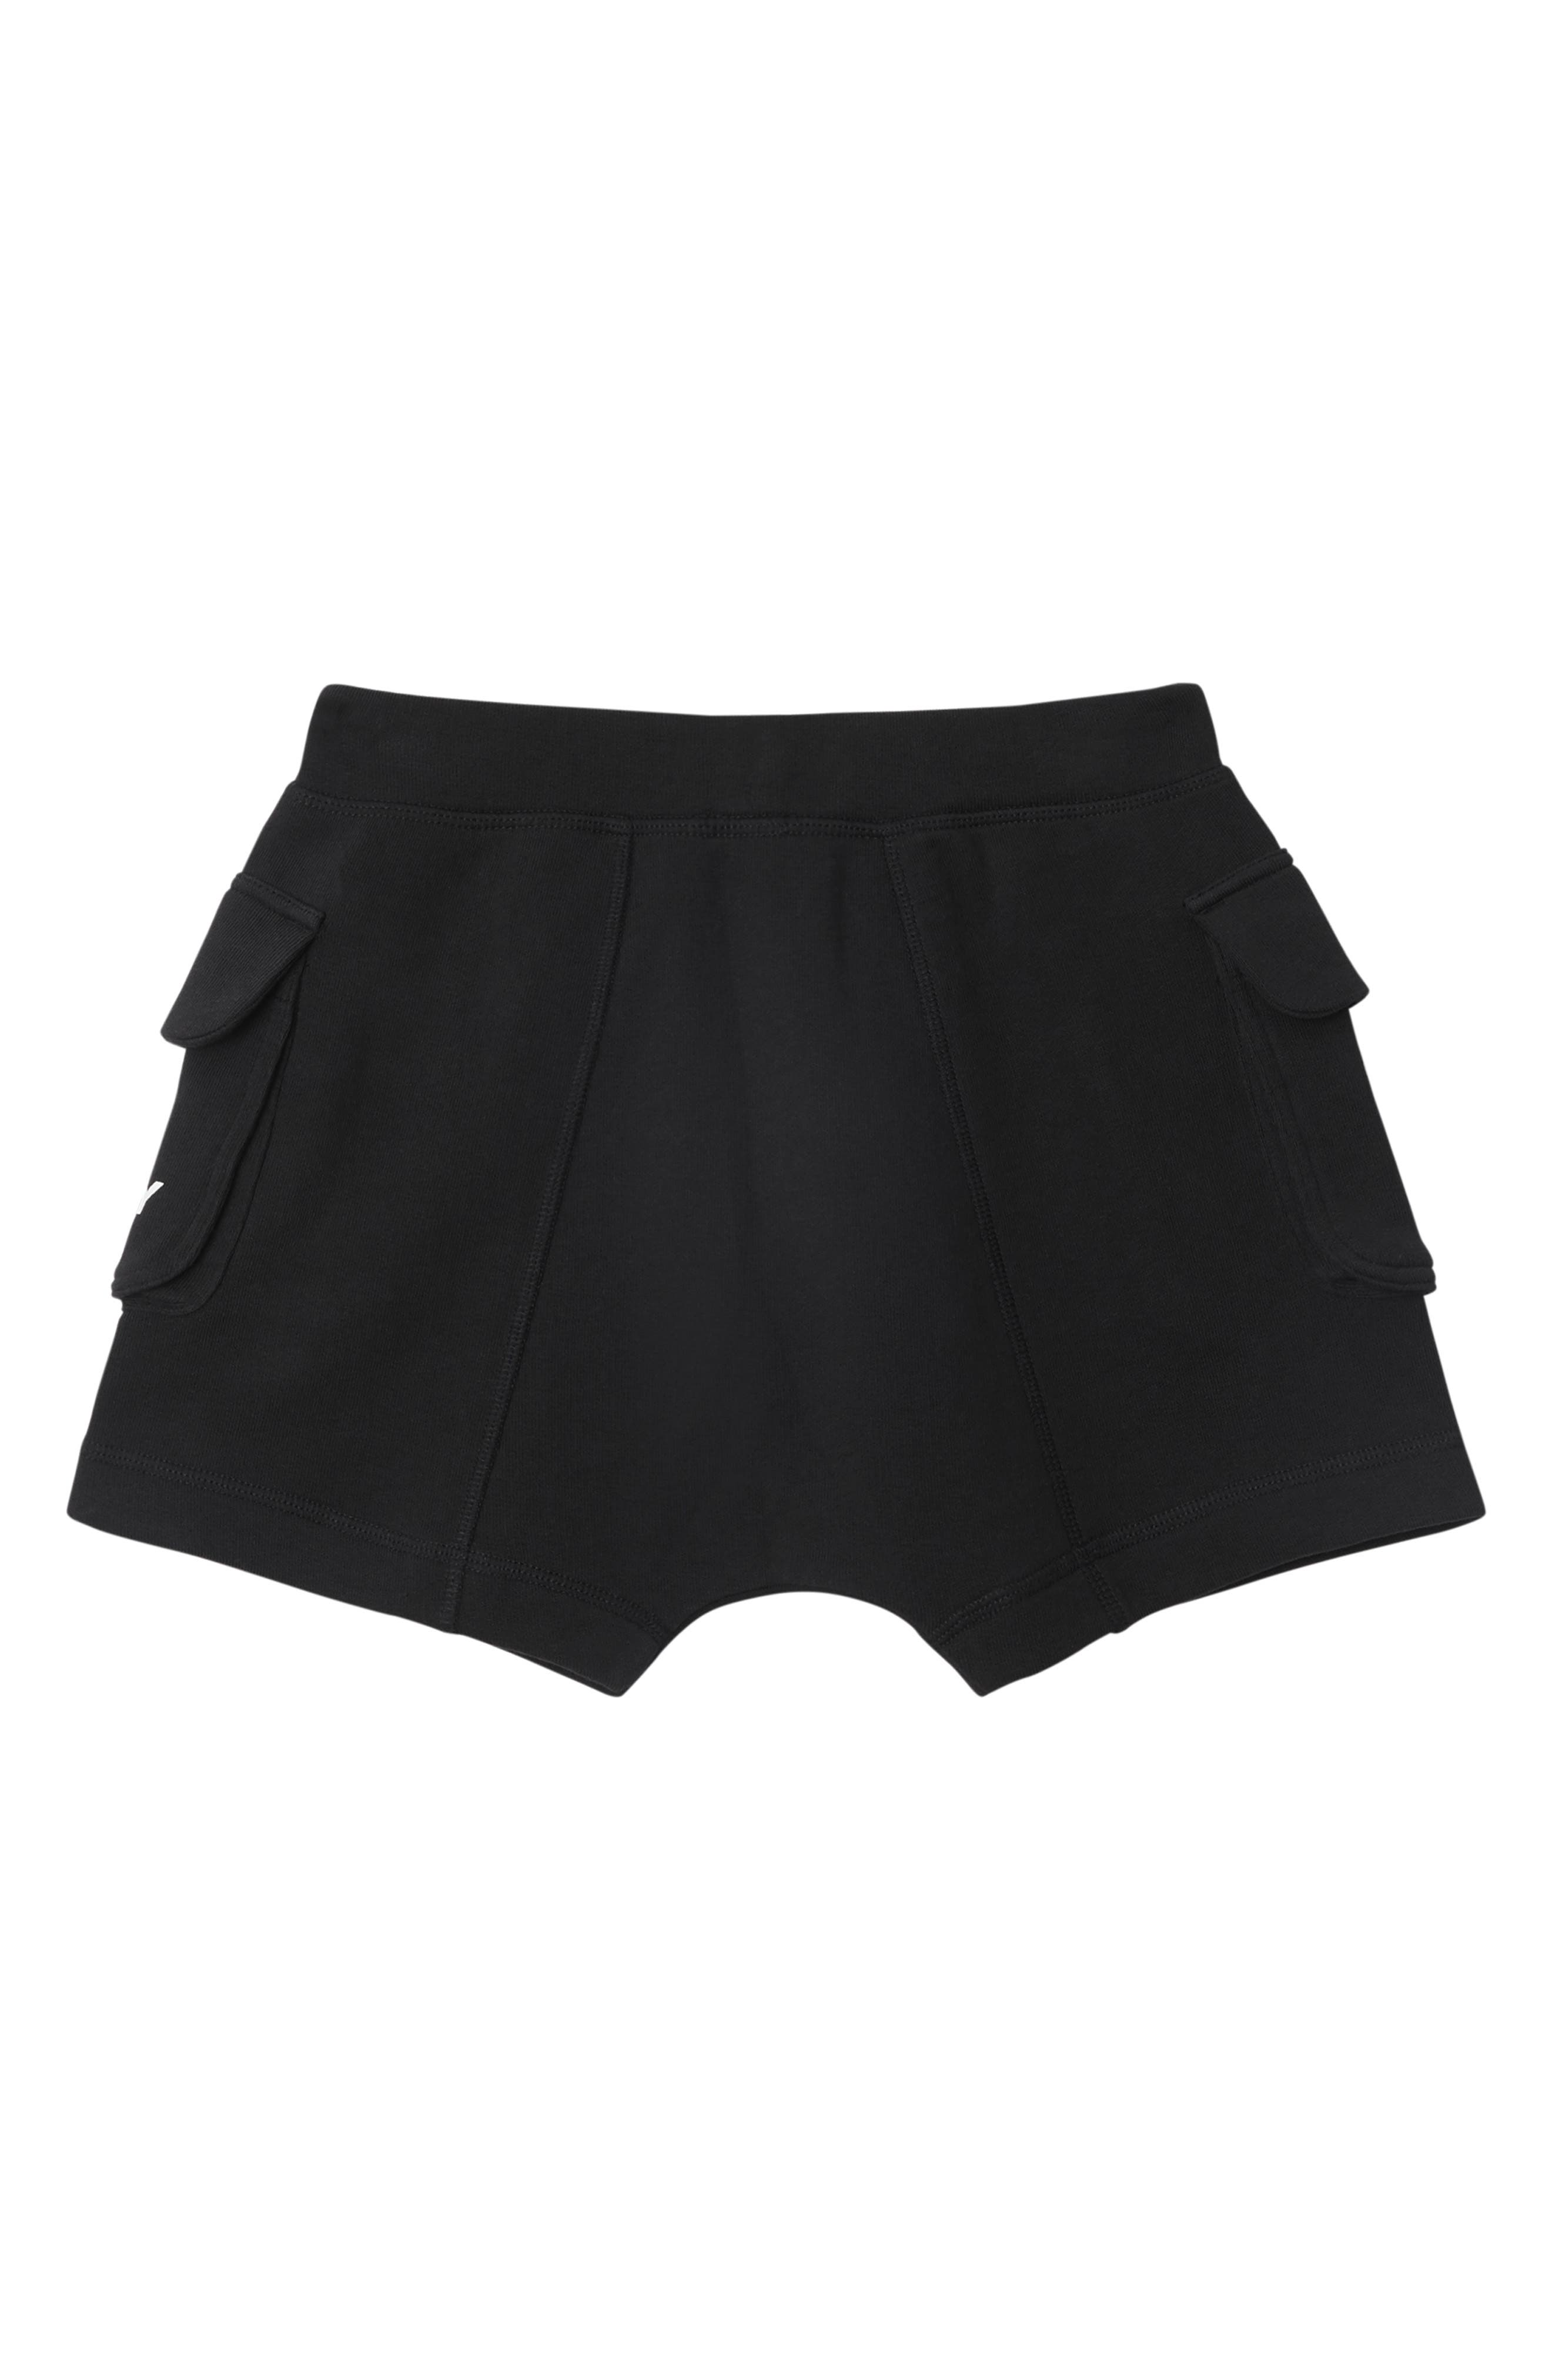 BURBERRY,                             Knit Shorts,                             Alternate thumbnail 2, color,                             BLACK